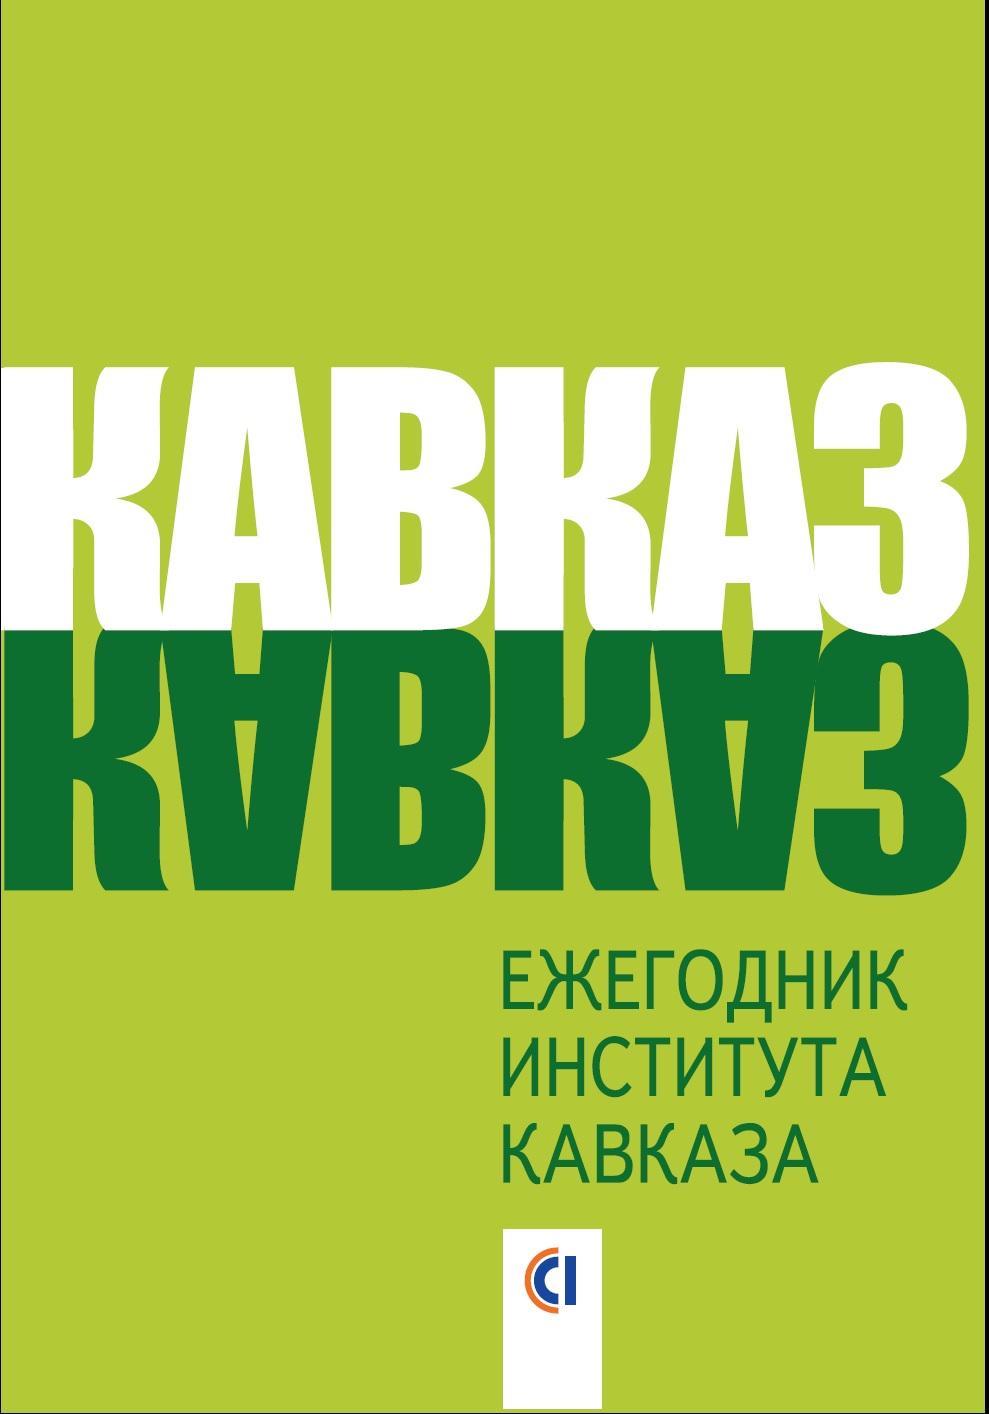 Caucasus_2014_title